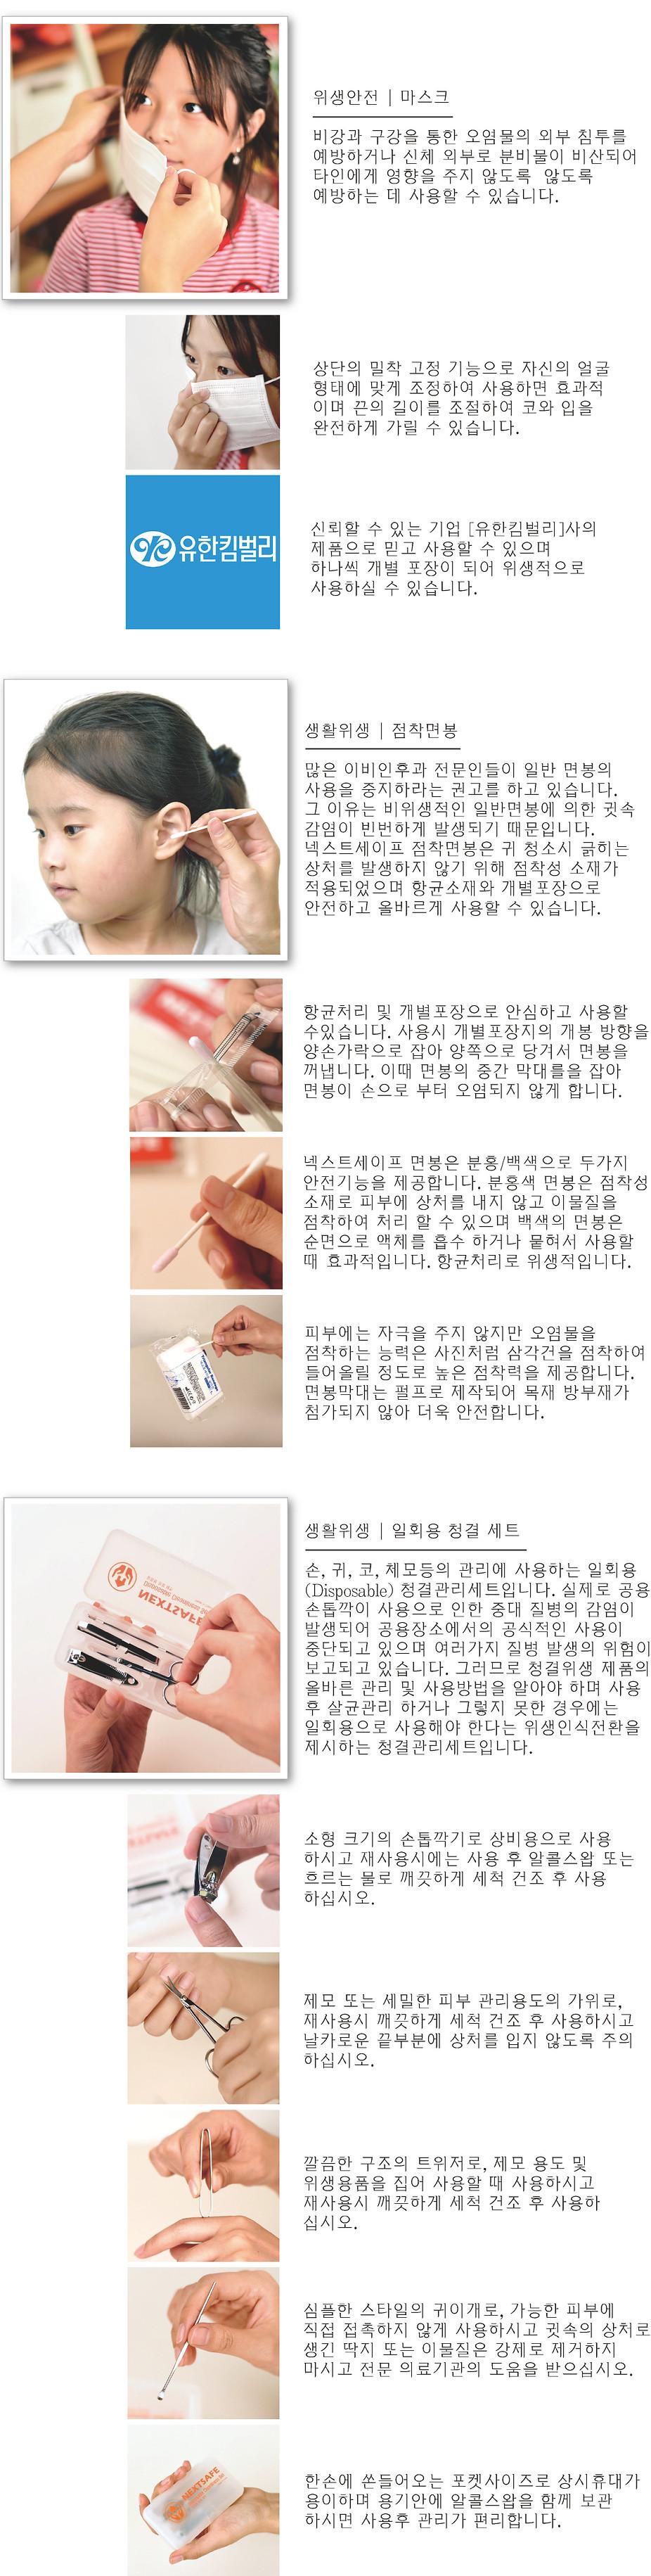 [크기변환]4 온라인 정보-라이프북 위생키트13-v1e_페이지_04.jp